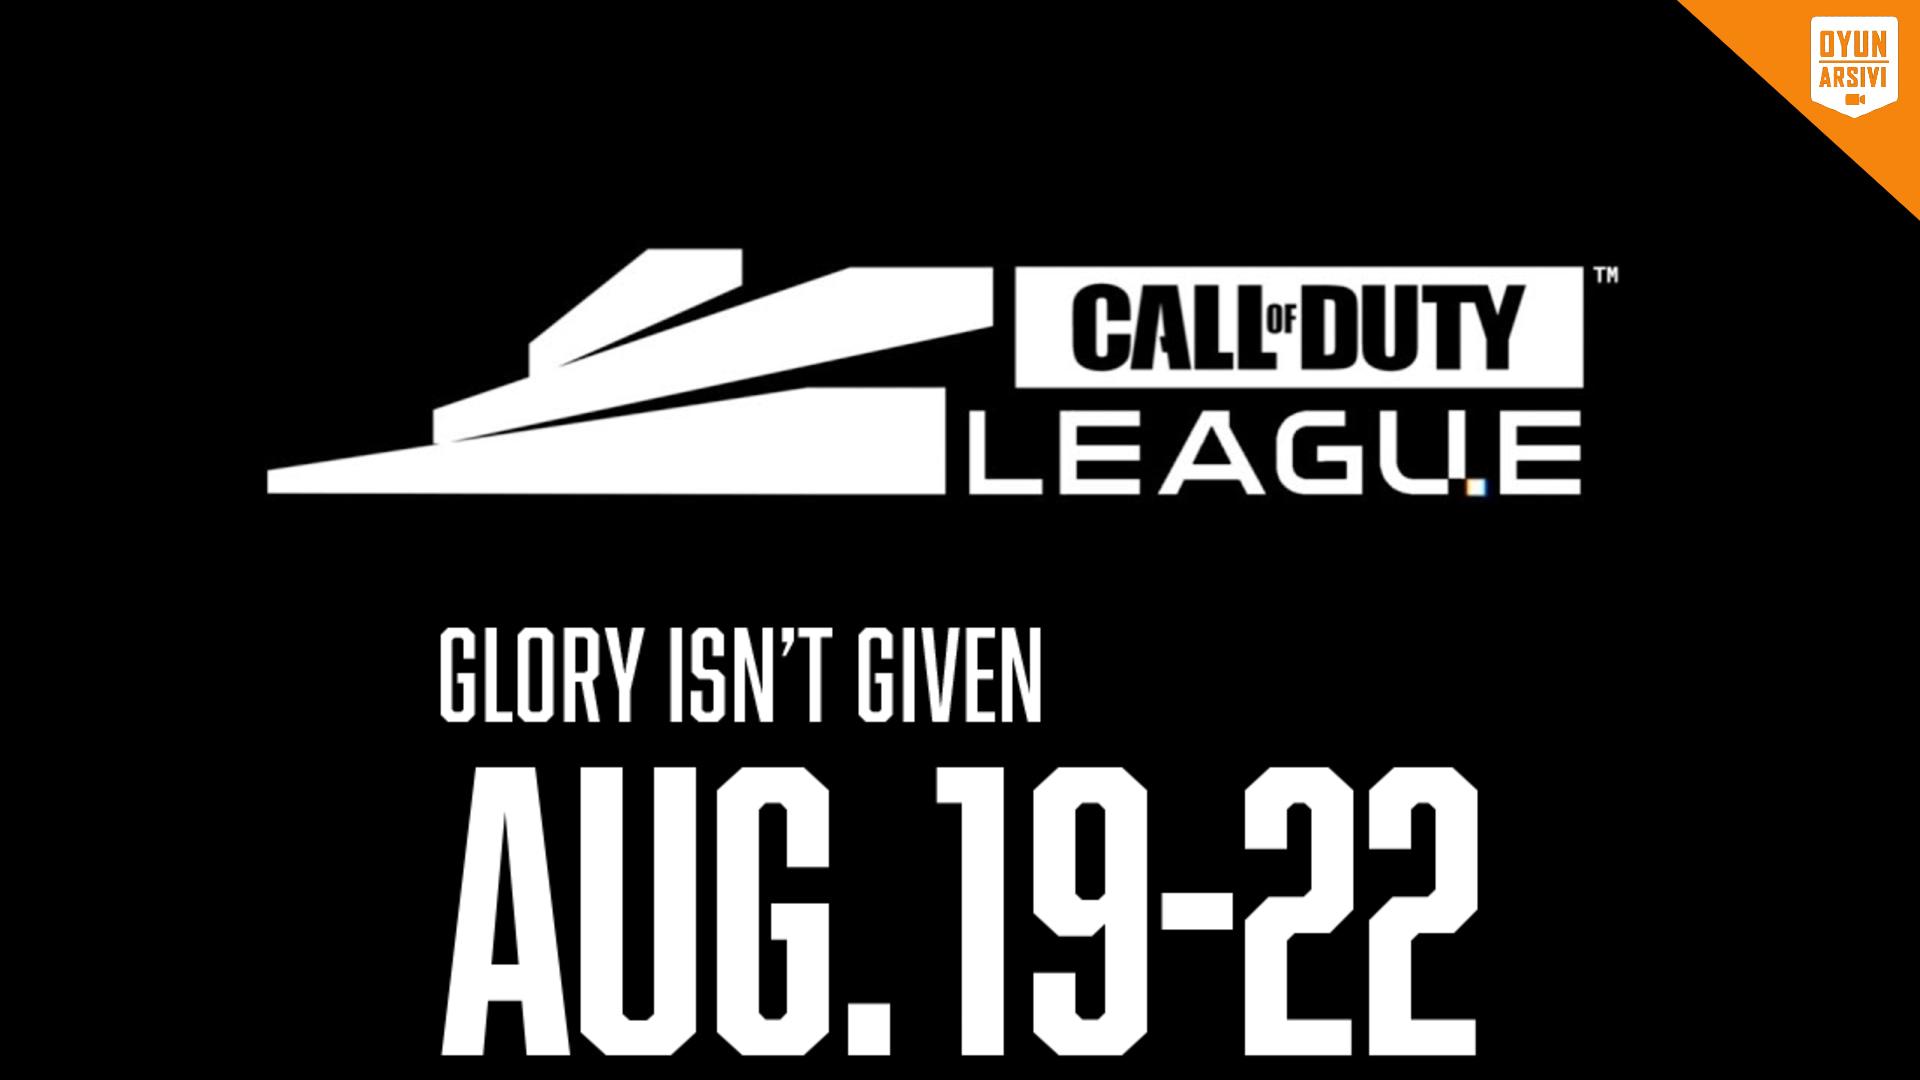 call of duty league şampiyonası 2021 OA